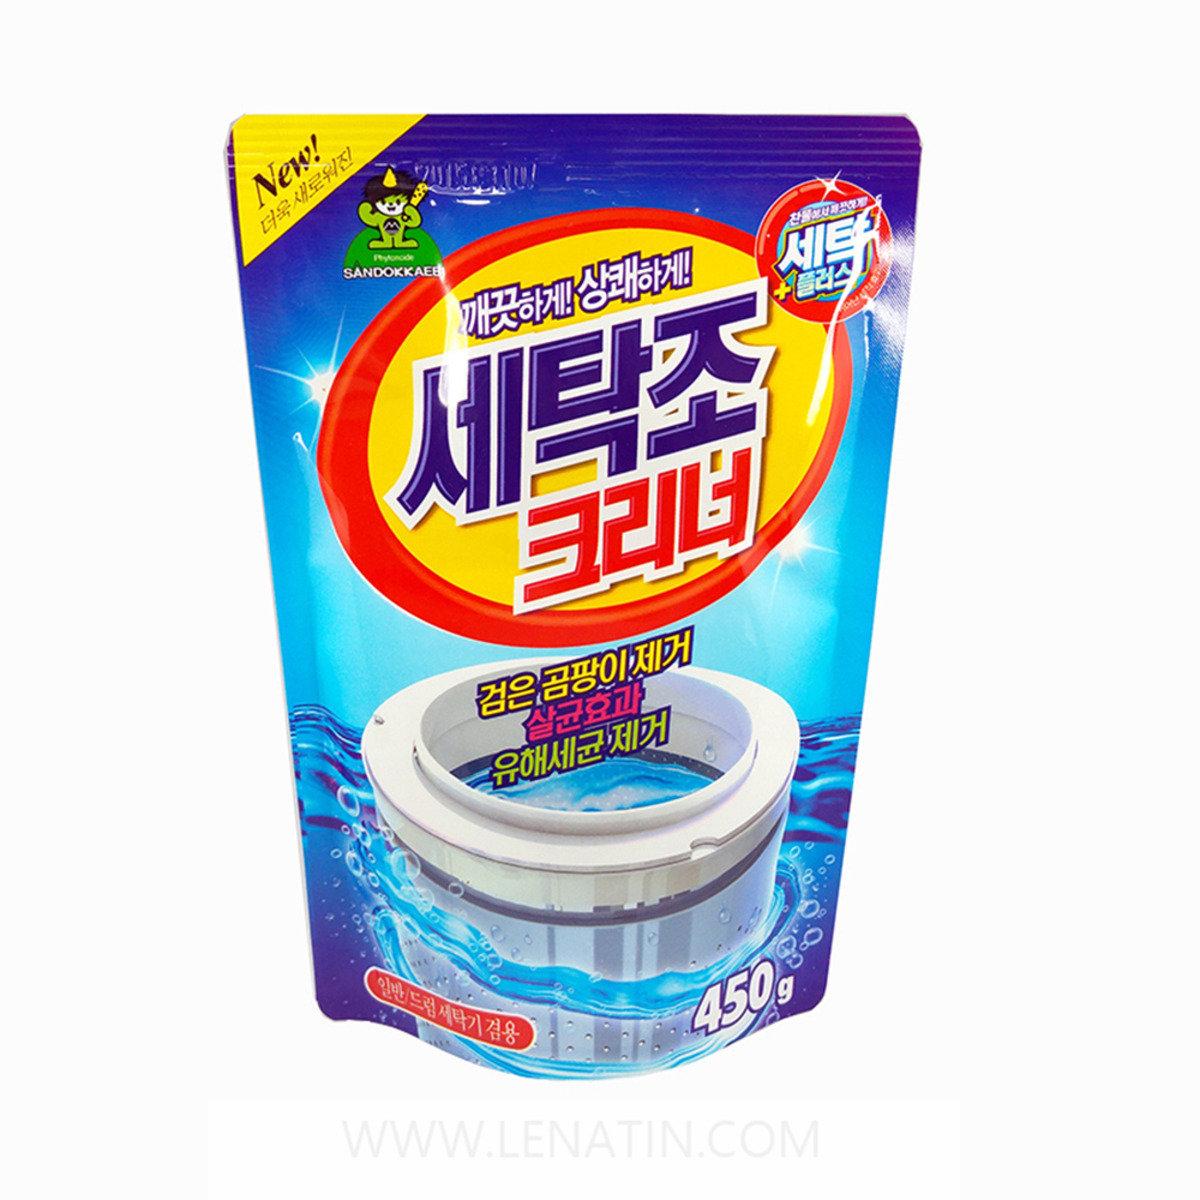 洗衣機槽清洗劑 (450克)